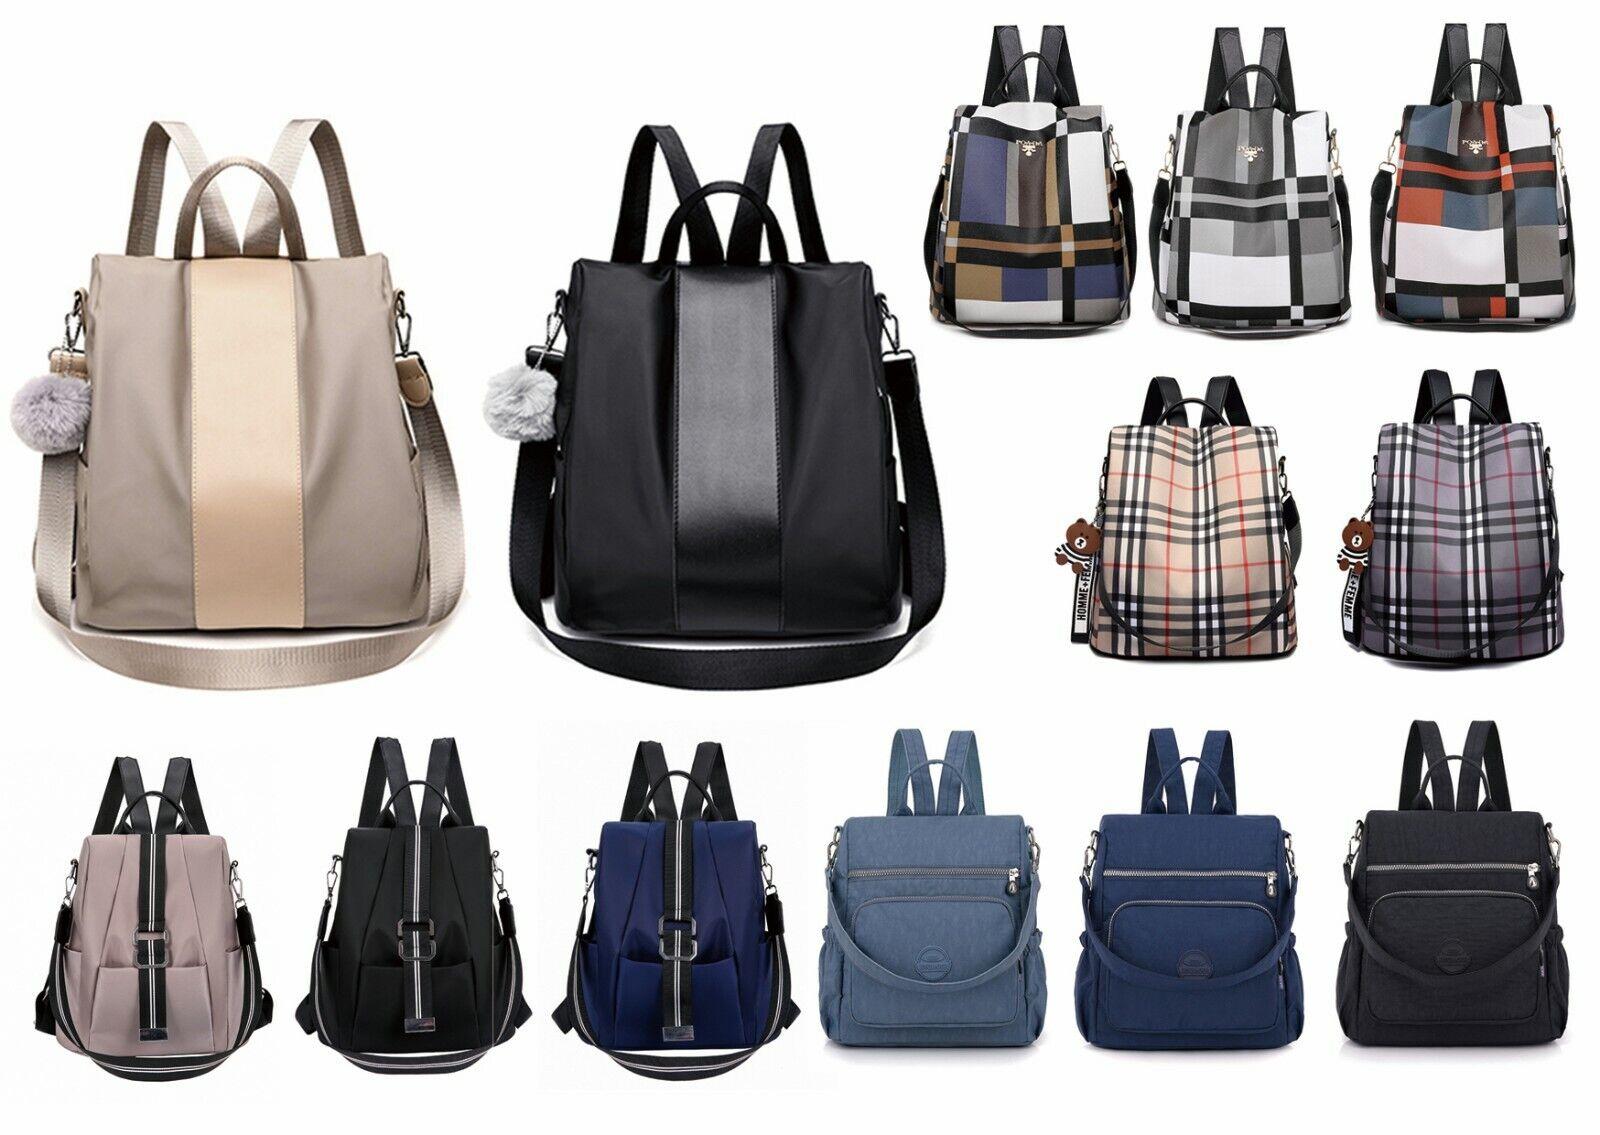 Damentasche Rucksack Anti Diebstahl Wasserabweisend Handtasche Schultertasche